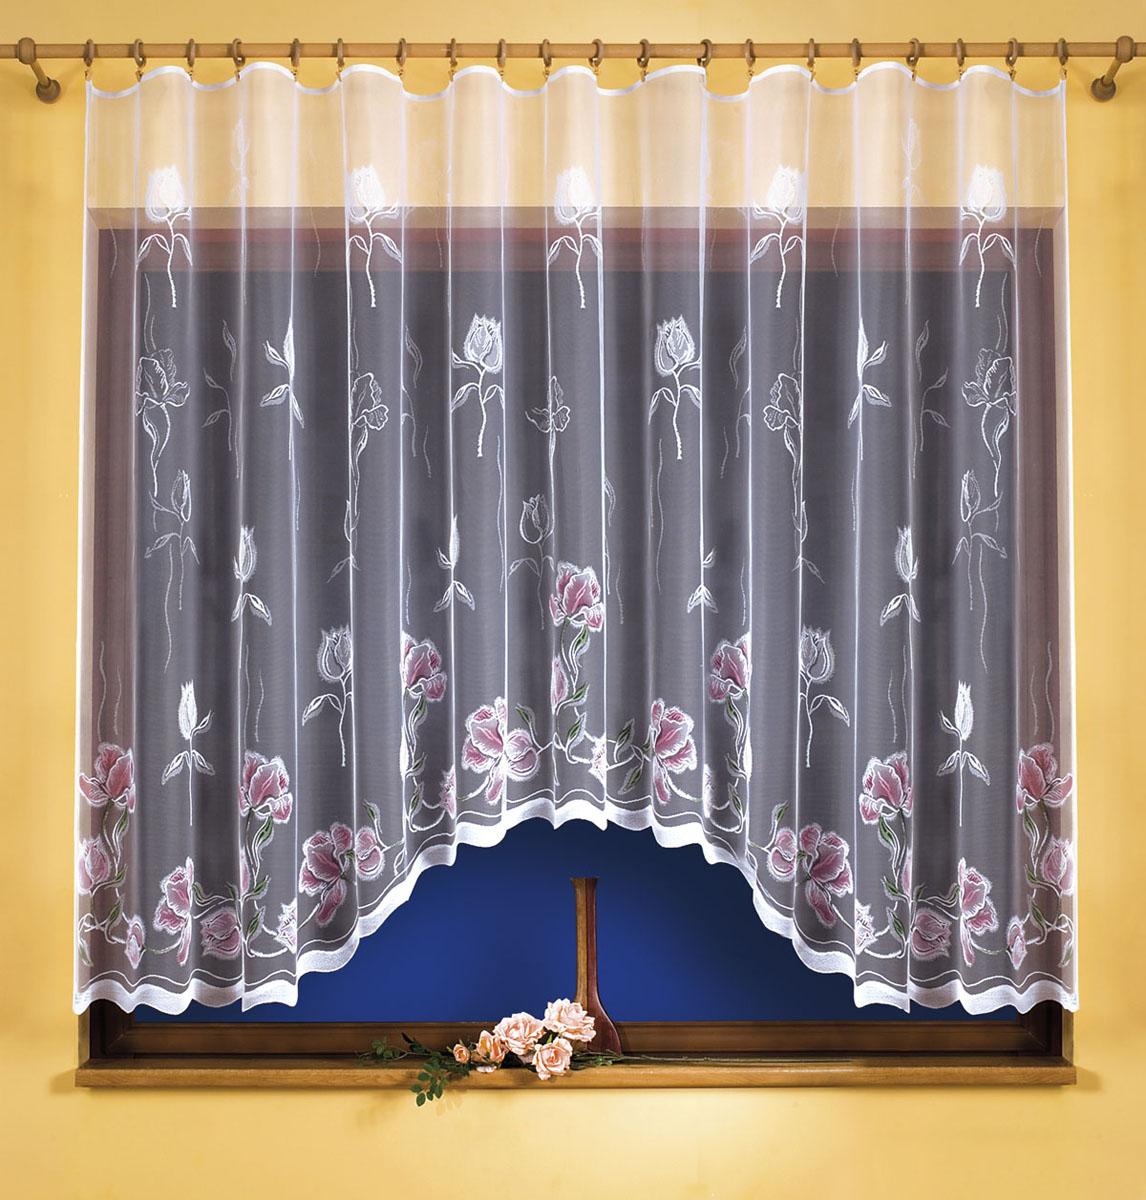 Штора для кухни Wisan, на ленте, цвет: белый, сиреневый, высота 180 см. 9533SVC-300Штора Wisan, выполненная из легкого полупрозрачного полиэстера белого цвета, станет великолепным украшением кухонного окна. Изделие имеет ассиметричную длину и красивый цветочный рисунок по всей поверхности полотна. Качественный материал и оригинальный дизайн привлекут к себе внимание и позволят шторе органично вписаться в интерьер помещения. Штора оснащена шторной лентой под зажимы для крепления на карниз.